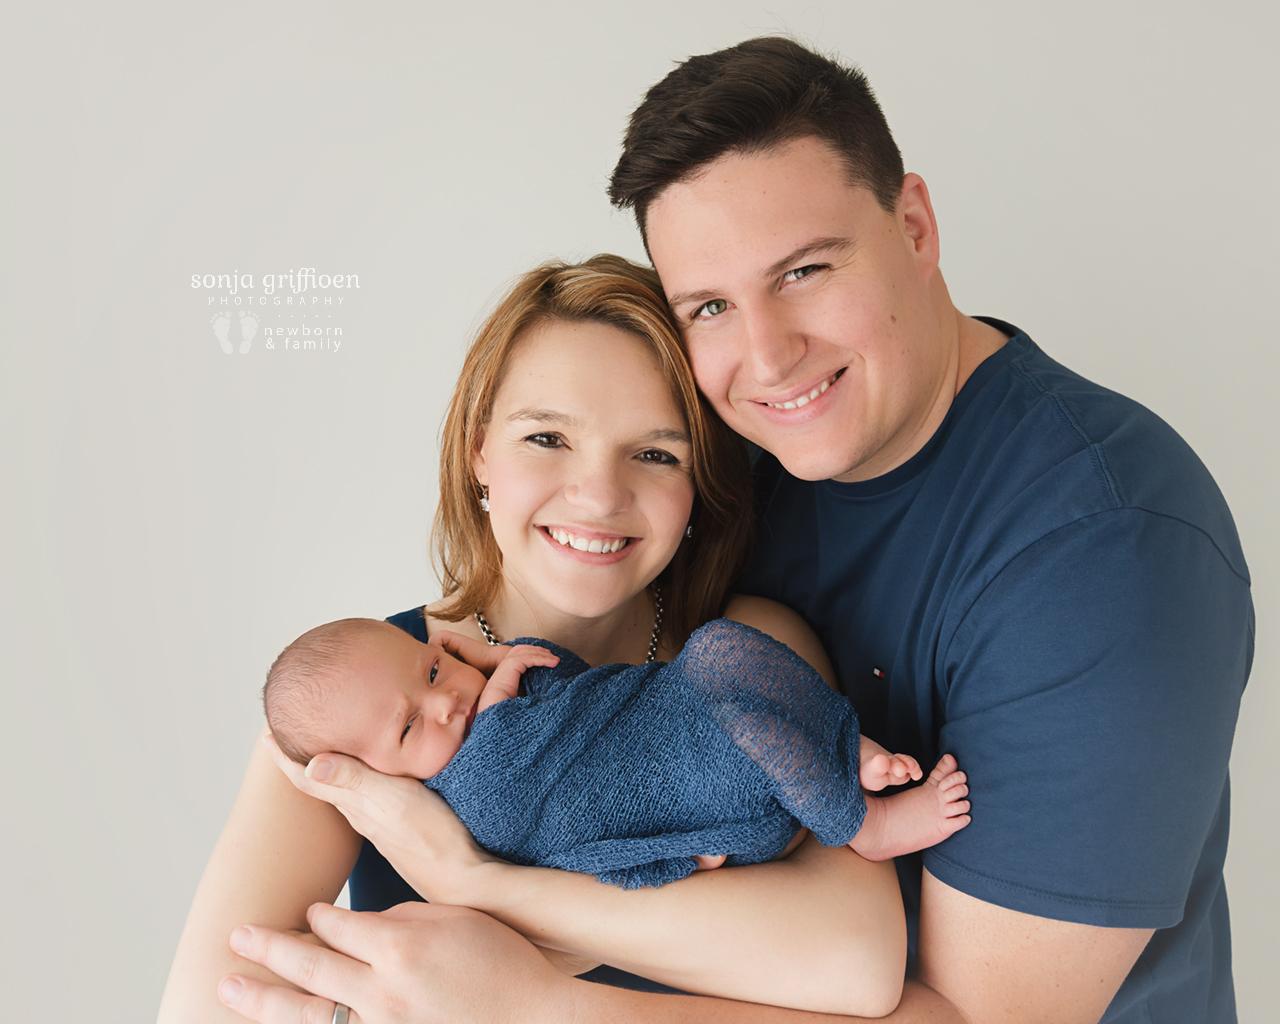 Mitchell-Newborn-Brisbane-Newborn-Photographer-Sonja-Griffioen-03.jpg